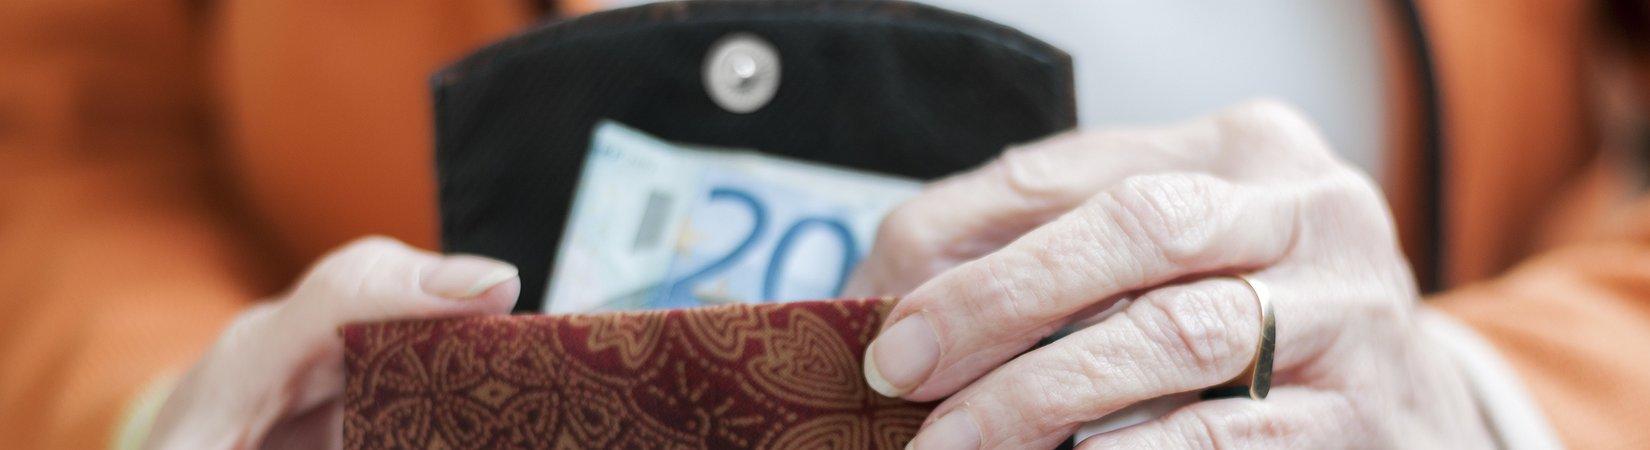 Nuovo record per il debito pubblico: quasi 2.280 miliardi a maggio